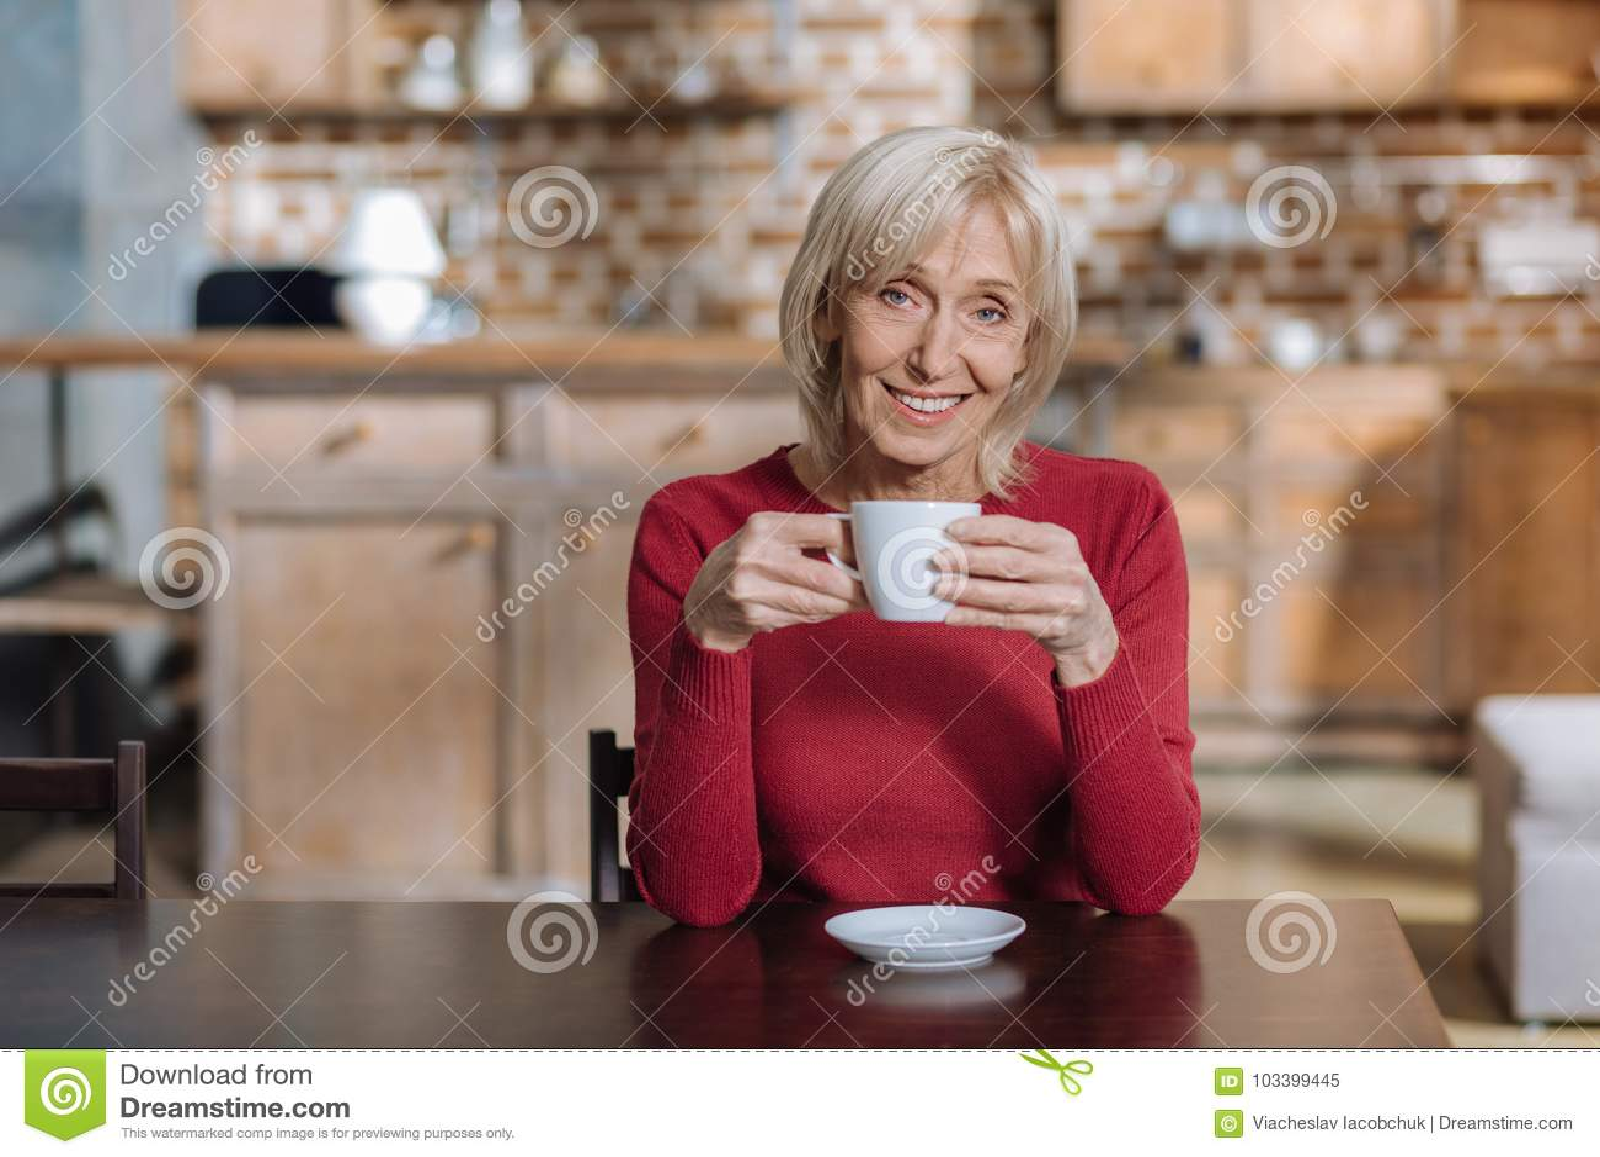 Chá bebendo e sorriso da mulher superior positiva alegre